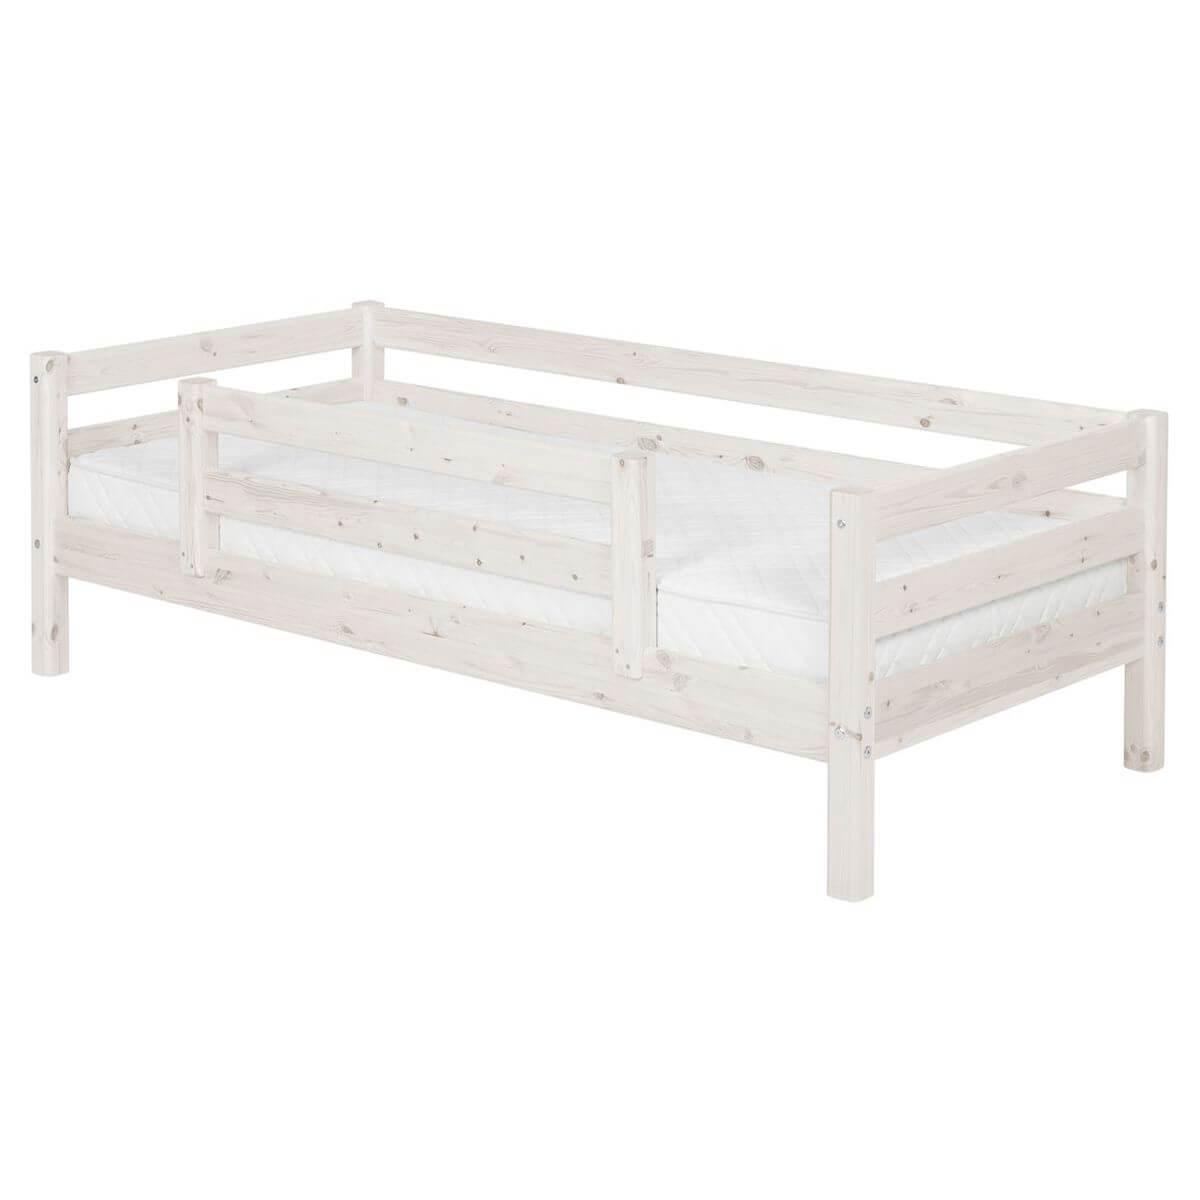 Lit Classic Line blanchi 90x200 cm + barrière de sécurité centrée by Flexa